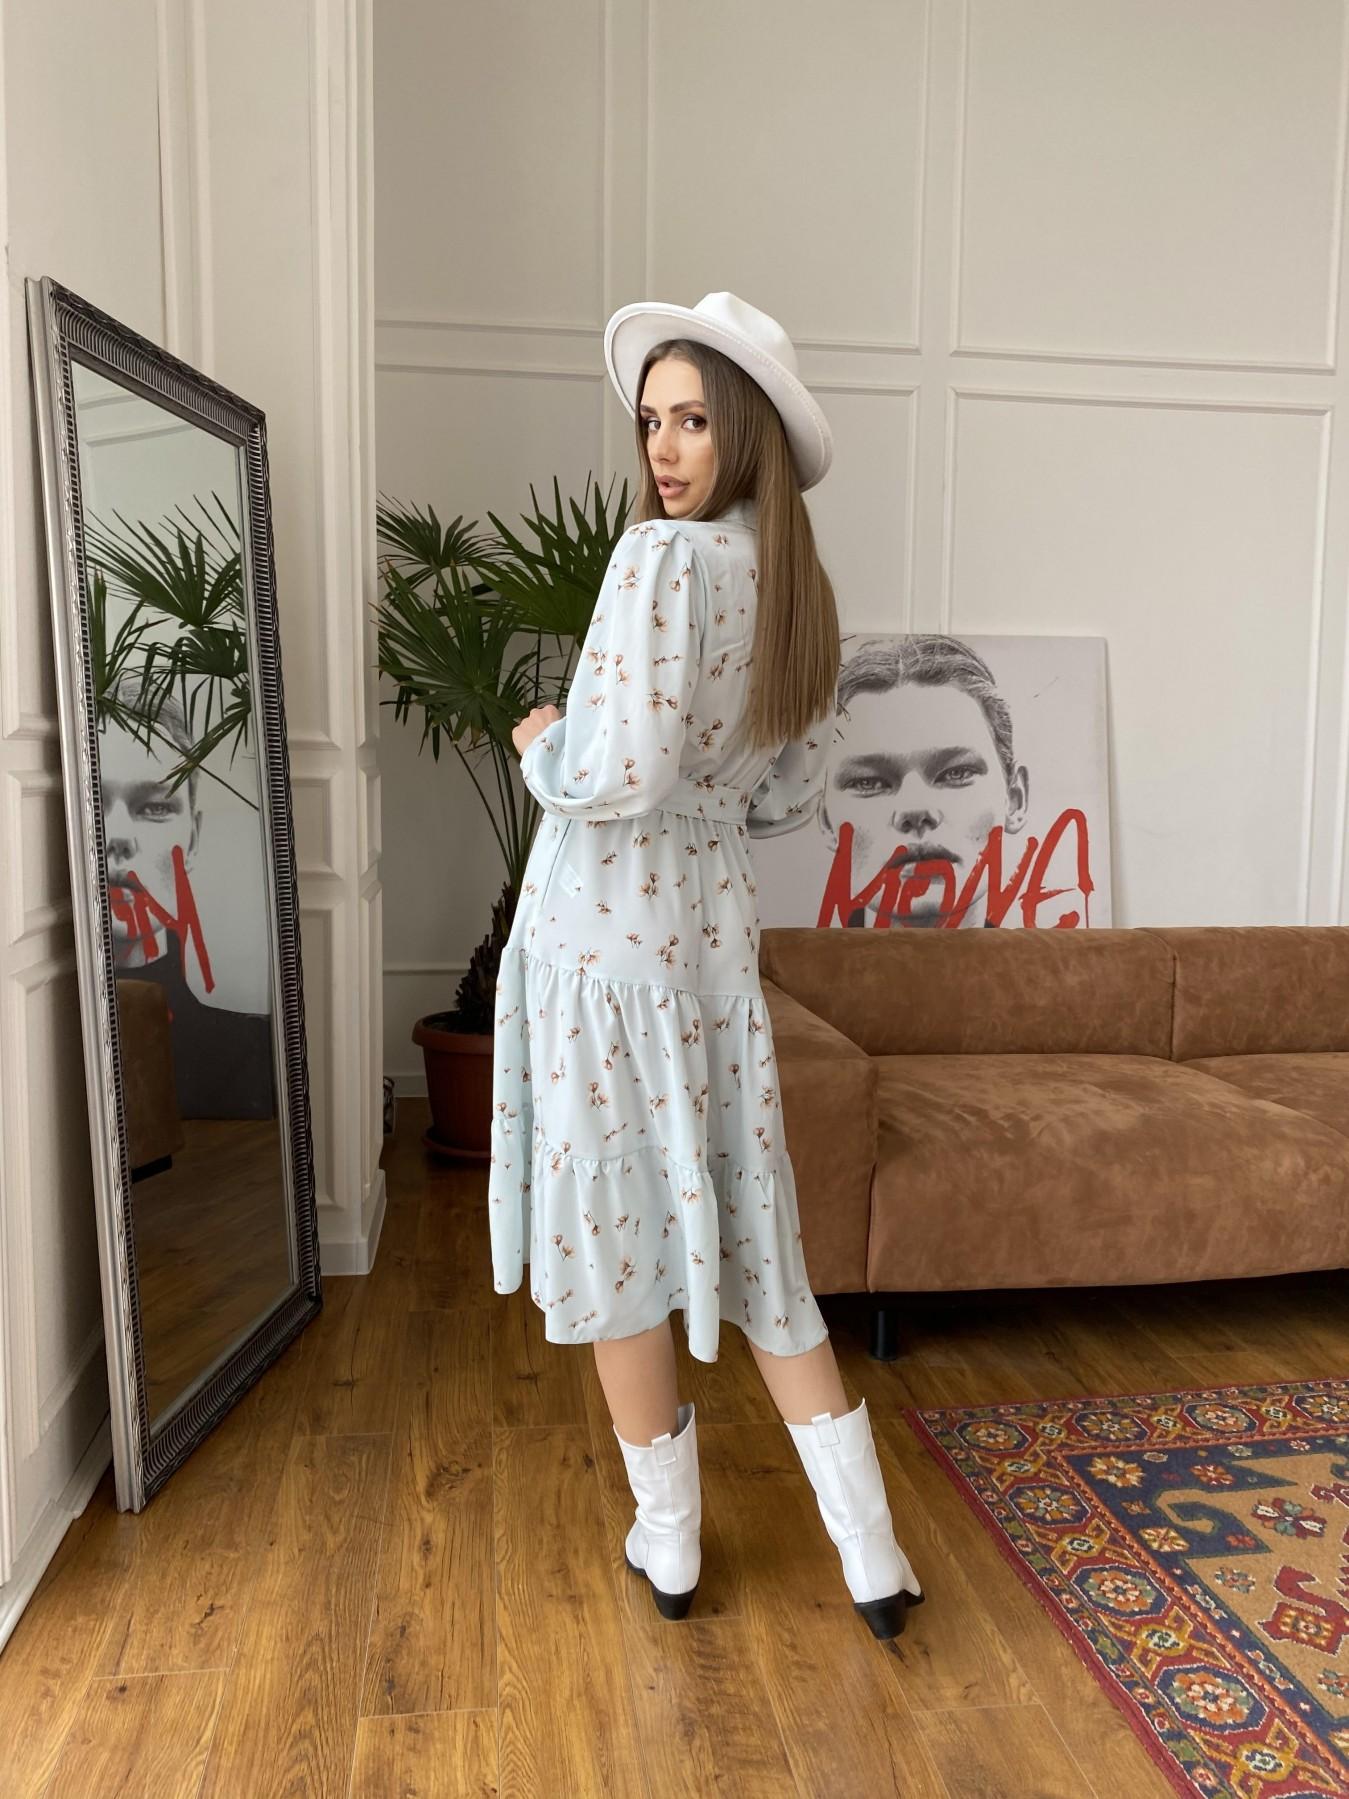 Лилия платье из софта с принтом 11108 АРТ. 47590 Цвет: МятаСв/БежЦветокМел - фото 3, интернет магазин tm-modus.ru